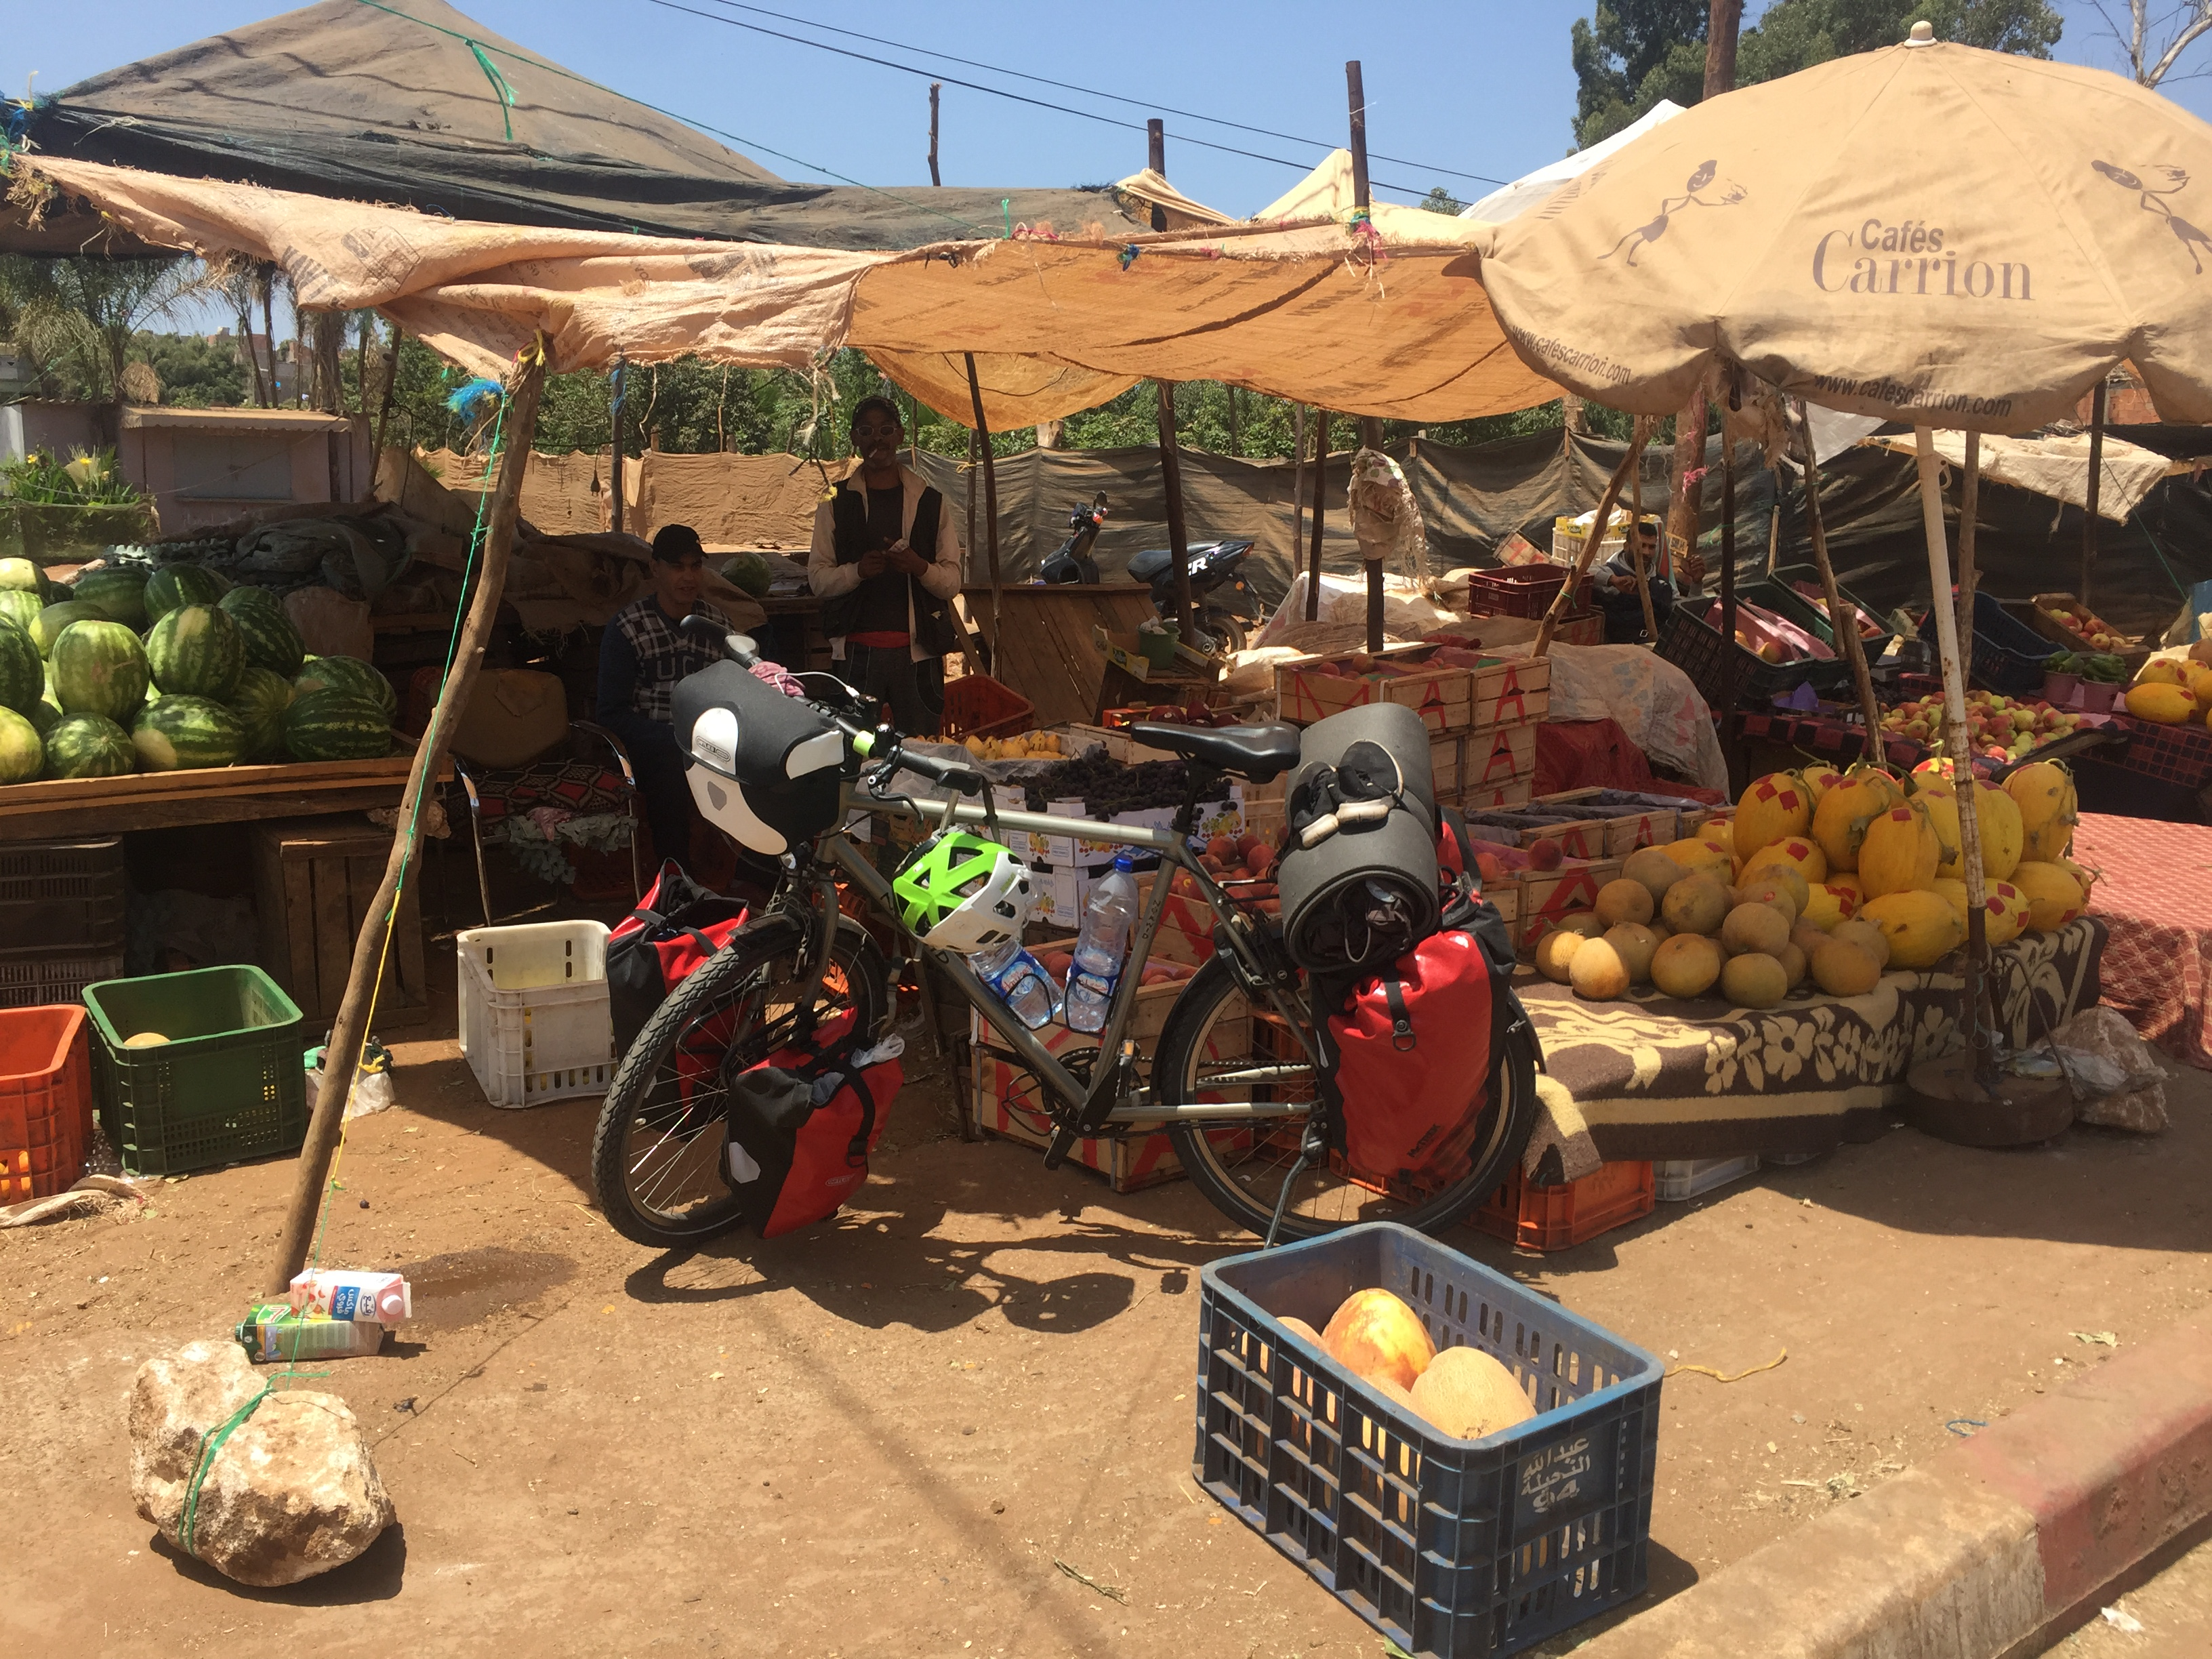 Mittendrin in einem marokkanischen Marktgewirr